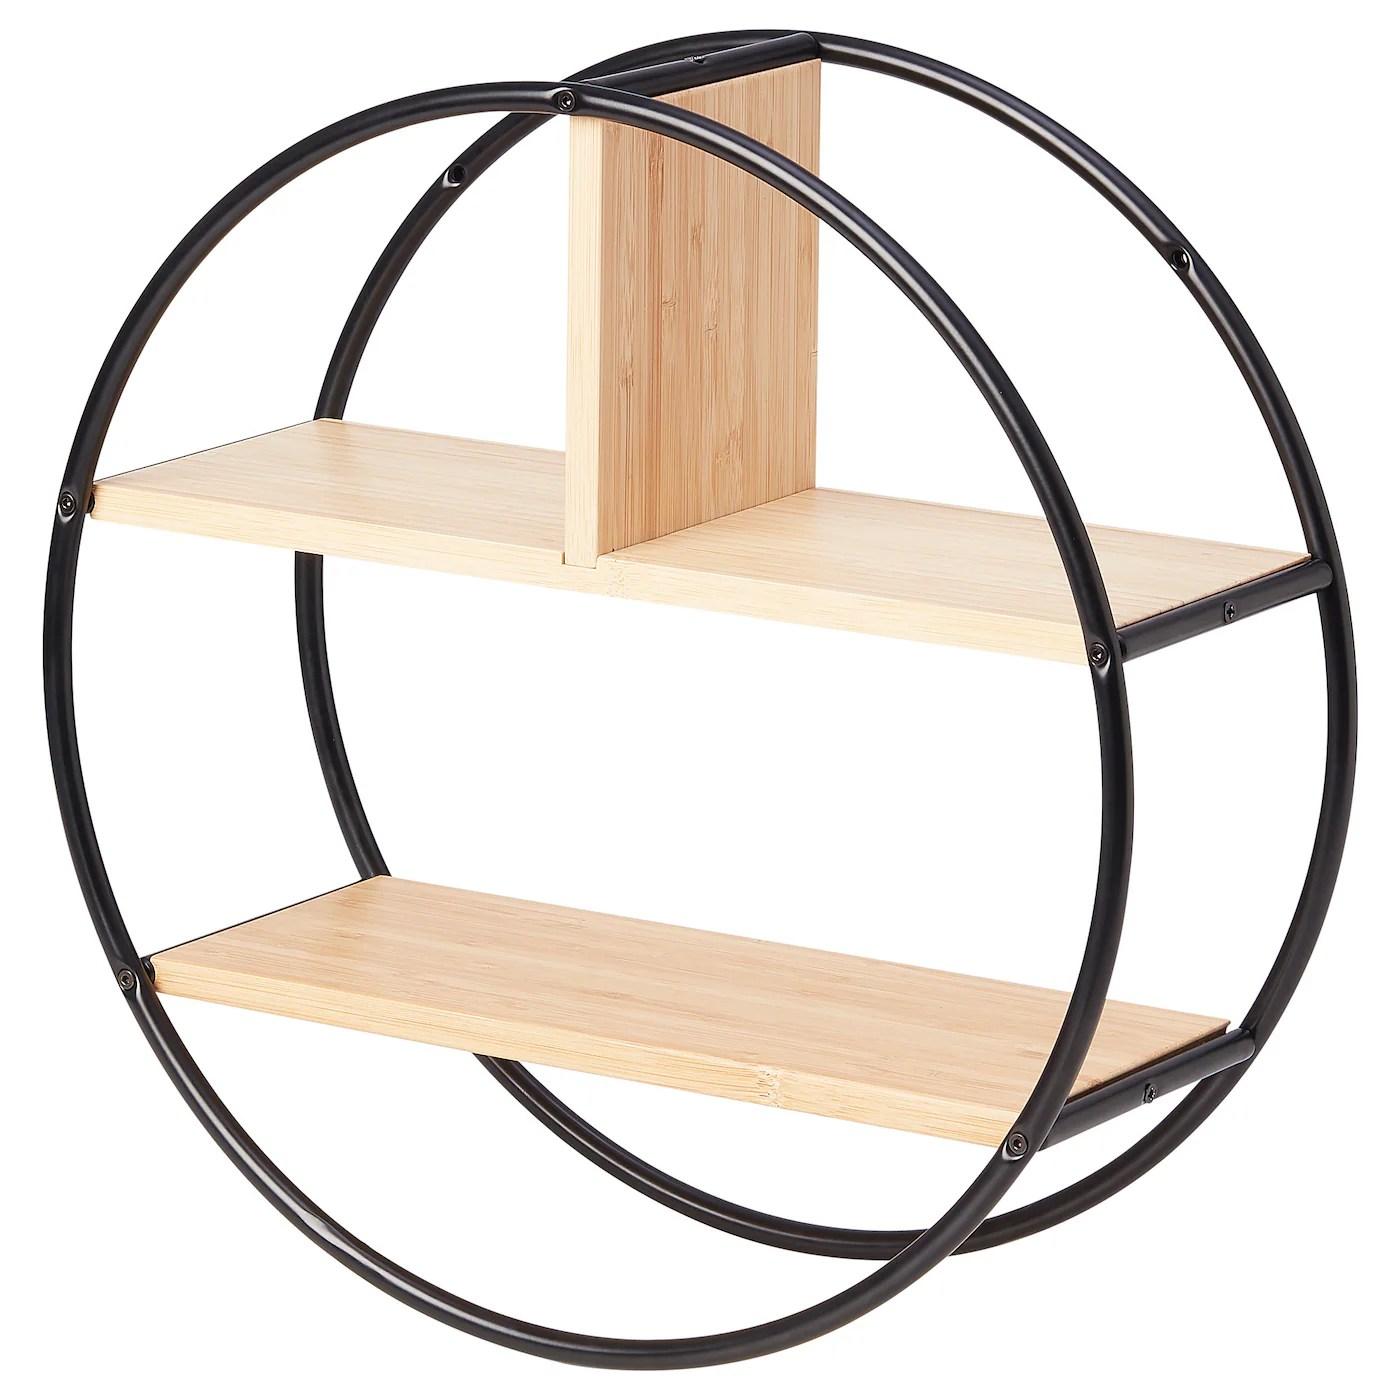 Progettazione e costruzione tavoli basculanti; Mensole Da Parete Ikea It